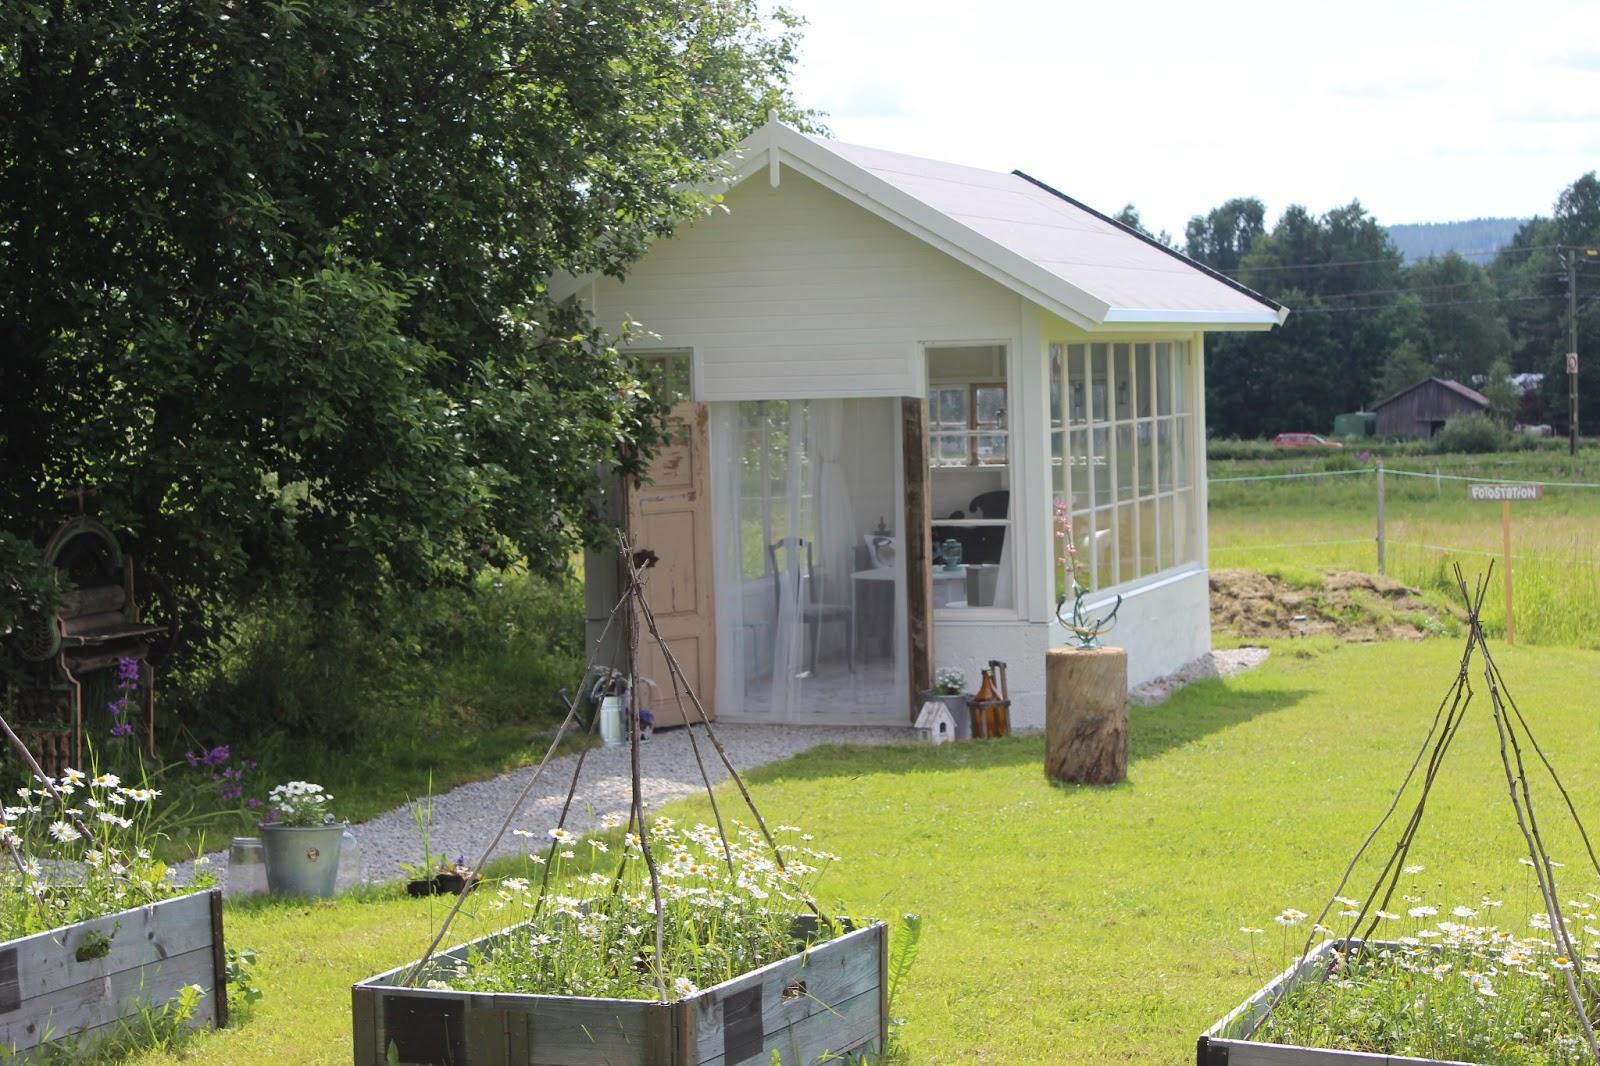 Bygdegården: Bygga orangerie, Bygga växthus, Bygga uterum - kärt ...